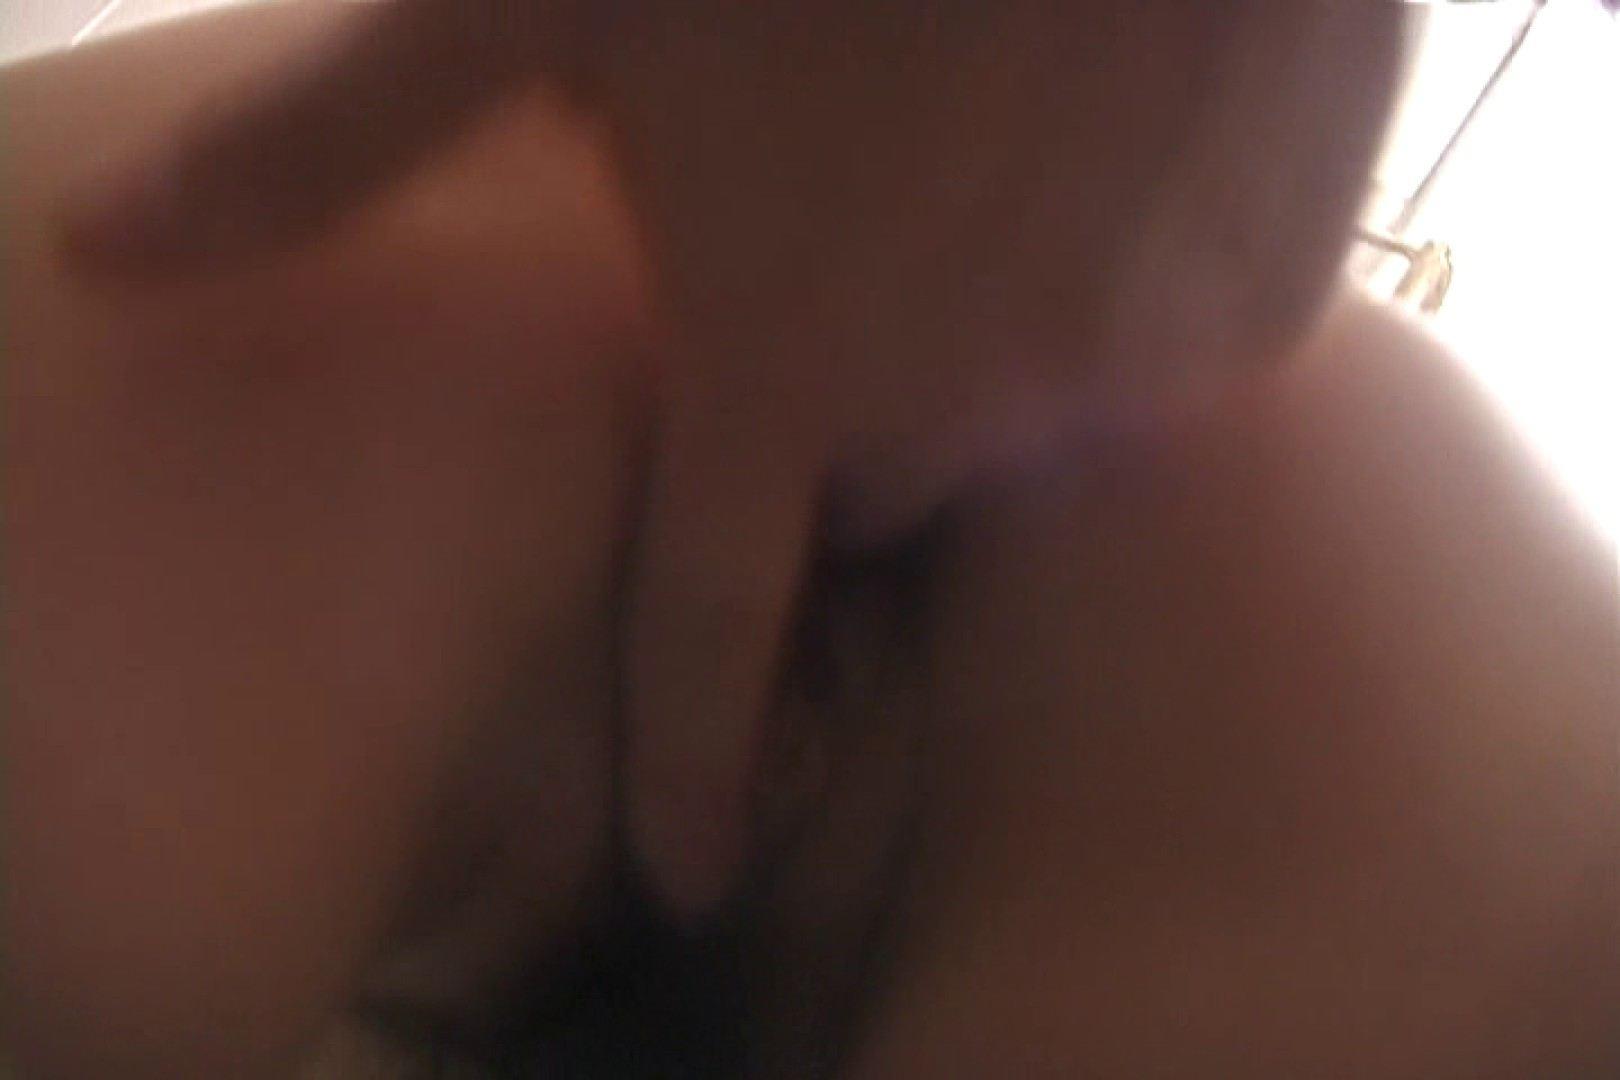 淫乱人妻に癒しを求める若い彼~川口早苗~ ギャル達の手マン | 人妻  62画像 31